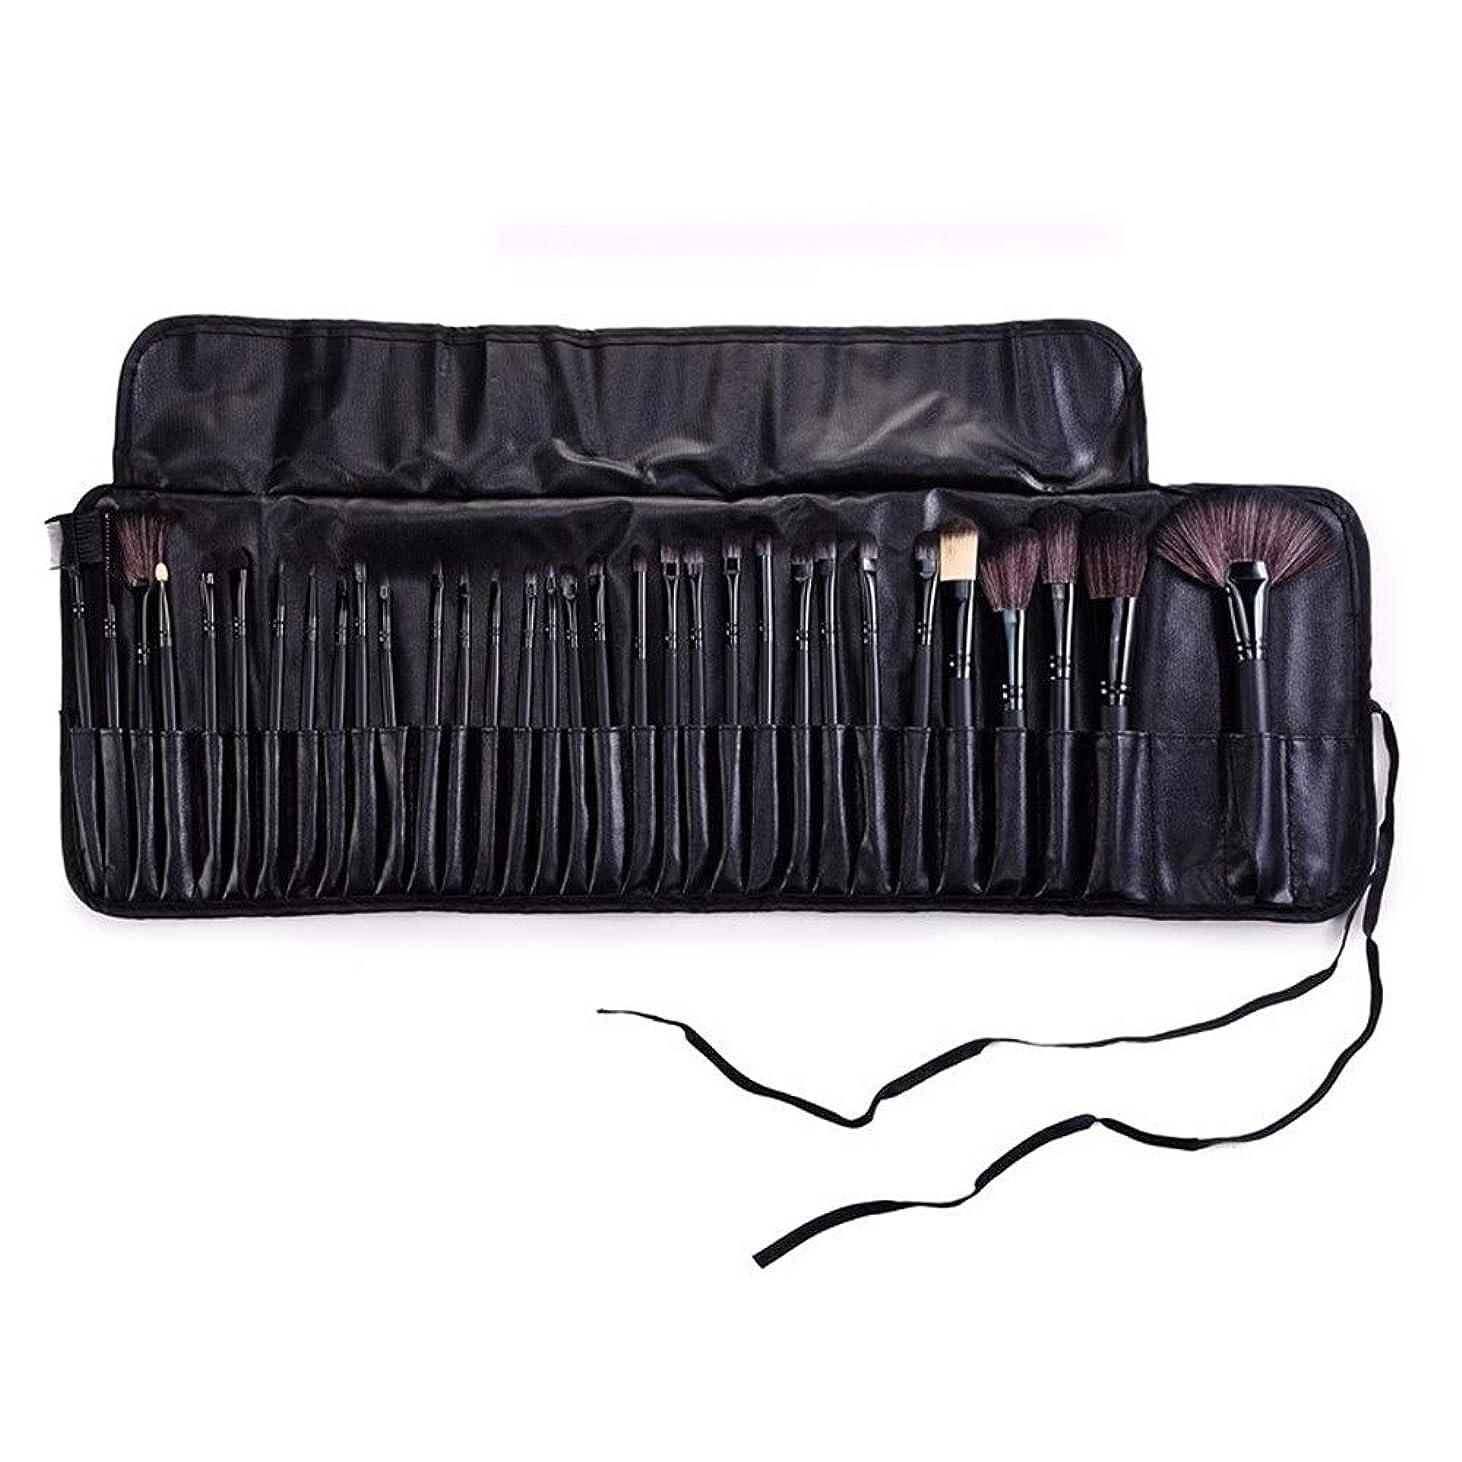 バレルショッキング考古学者Makeup brushes ブラックバッグ32メイクブラシセットモダンな合成アイシャドウアイライナー液化ファンデーションコンシーラーミキシングブラシセット suits (Color : Black)